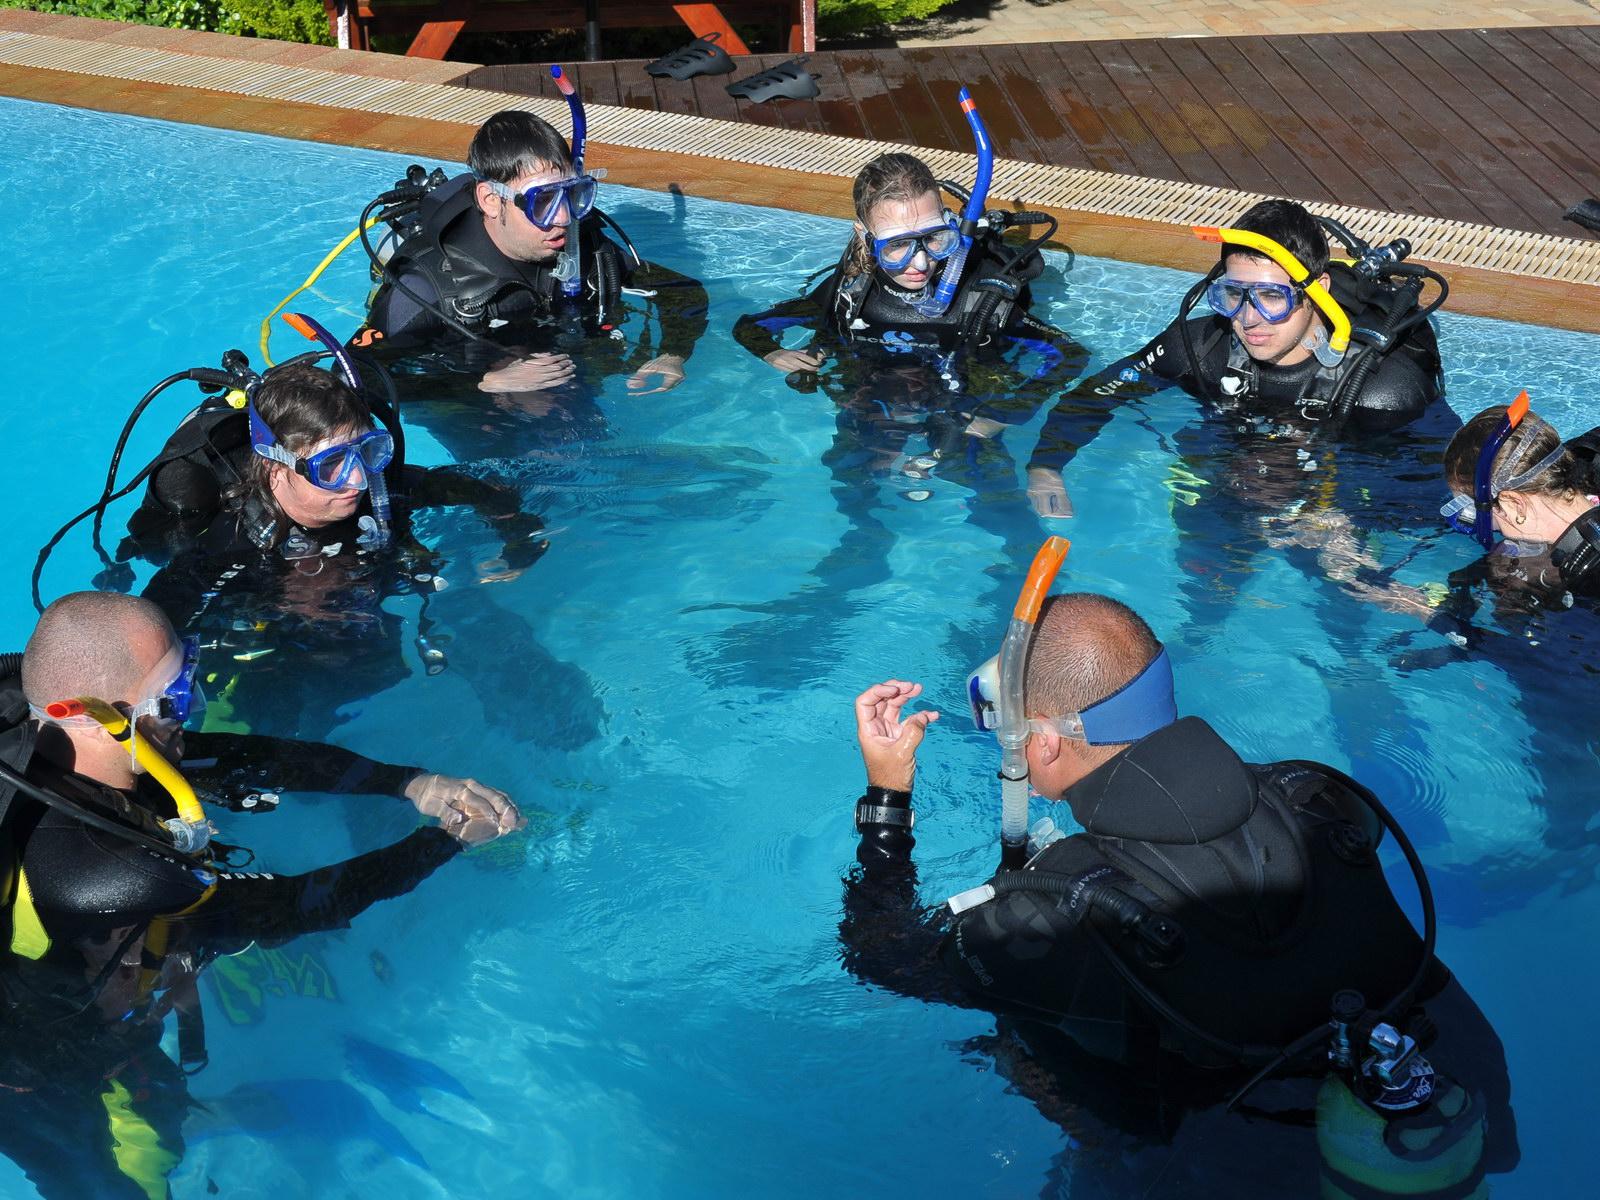 IDC Staff Tauchlehrer brieft im Pool